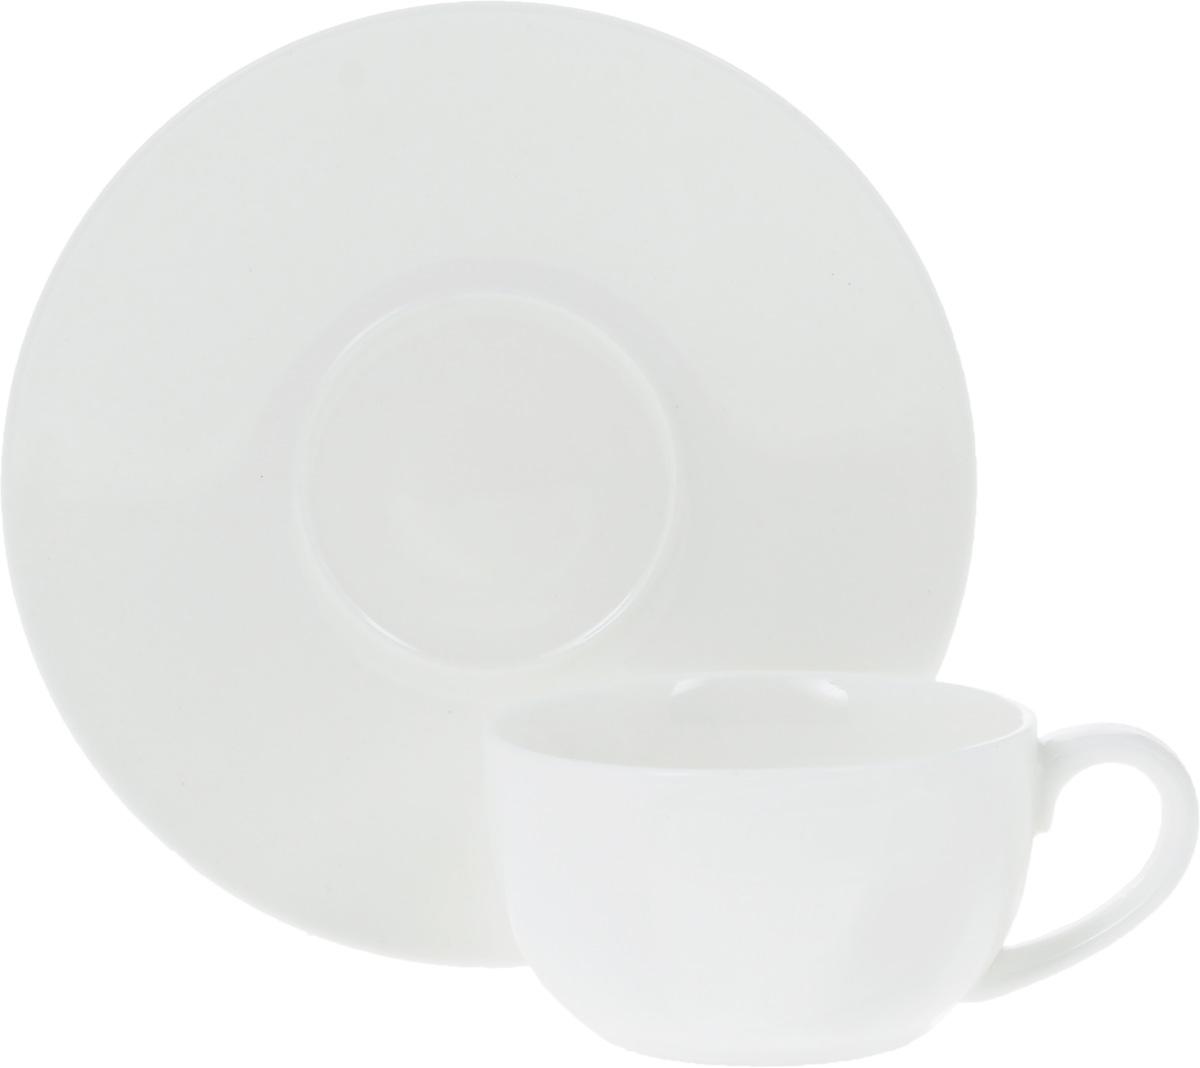 Чайная пара Wilmax, 2 предметаWL-993000 / ABЧайная пара Wilmax состоит из чашки и блюдца, выполненных из высококачественного фарфора и оформленных в классическом стиле. Оригинальный дизайн, несомненно, придется вам по вкусу. Чайная пара Wilmax украсит ваш кухонный стол, а также станет замечательным подарком к любому празднику.Объем чашки: 250 мл.Диаметр чашки (по верхнему краю): 9,5 см.Диаметр дна чашки: 4,5 см.Высота чашки: 6 см.Диаметр блюдца: 15 см.